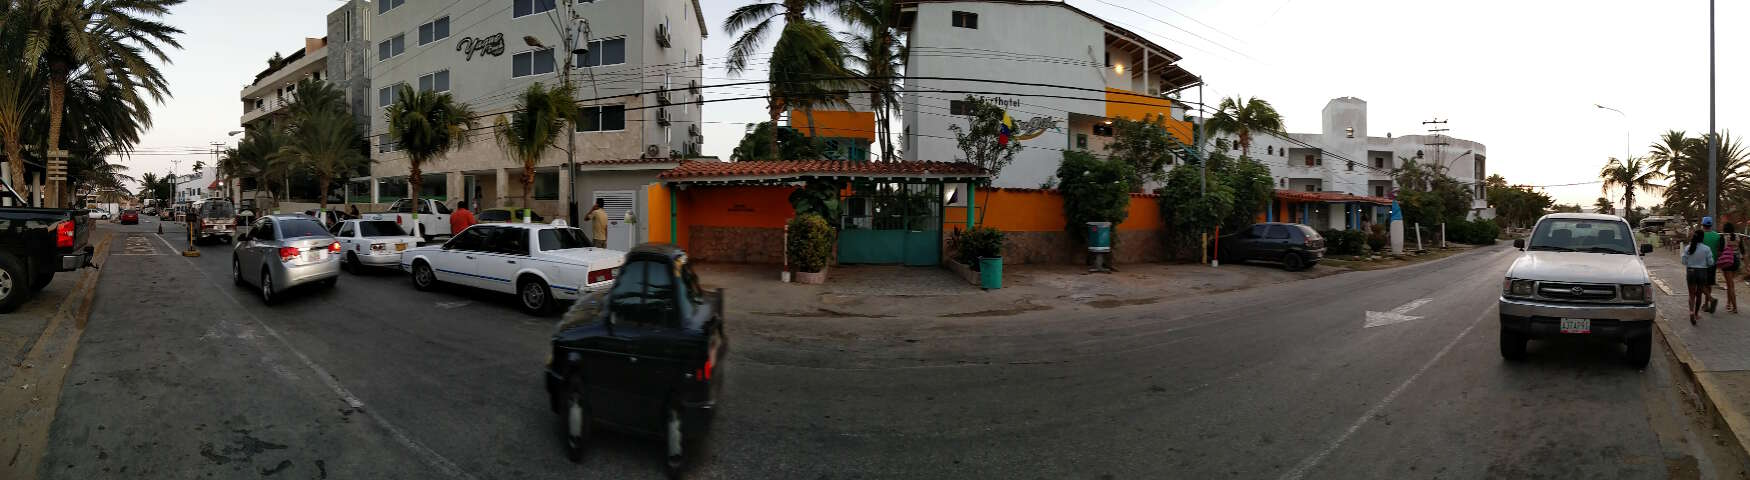 The main street at Playa El Yaque, Isla Margarita